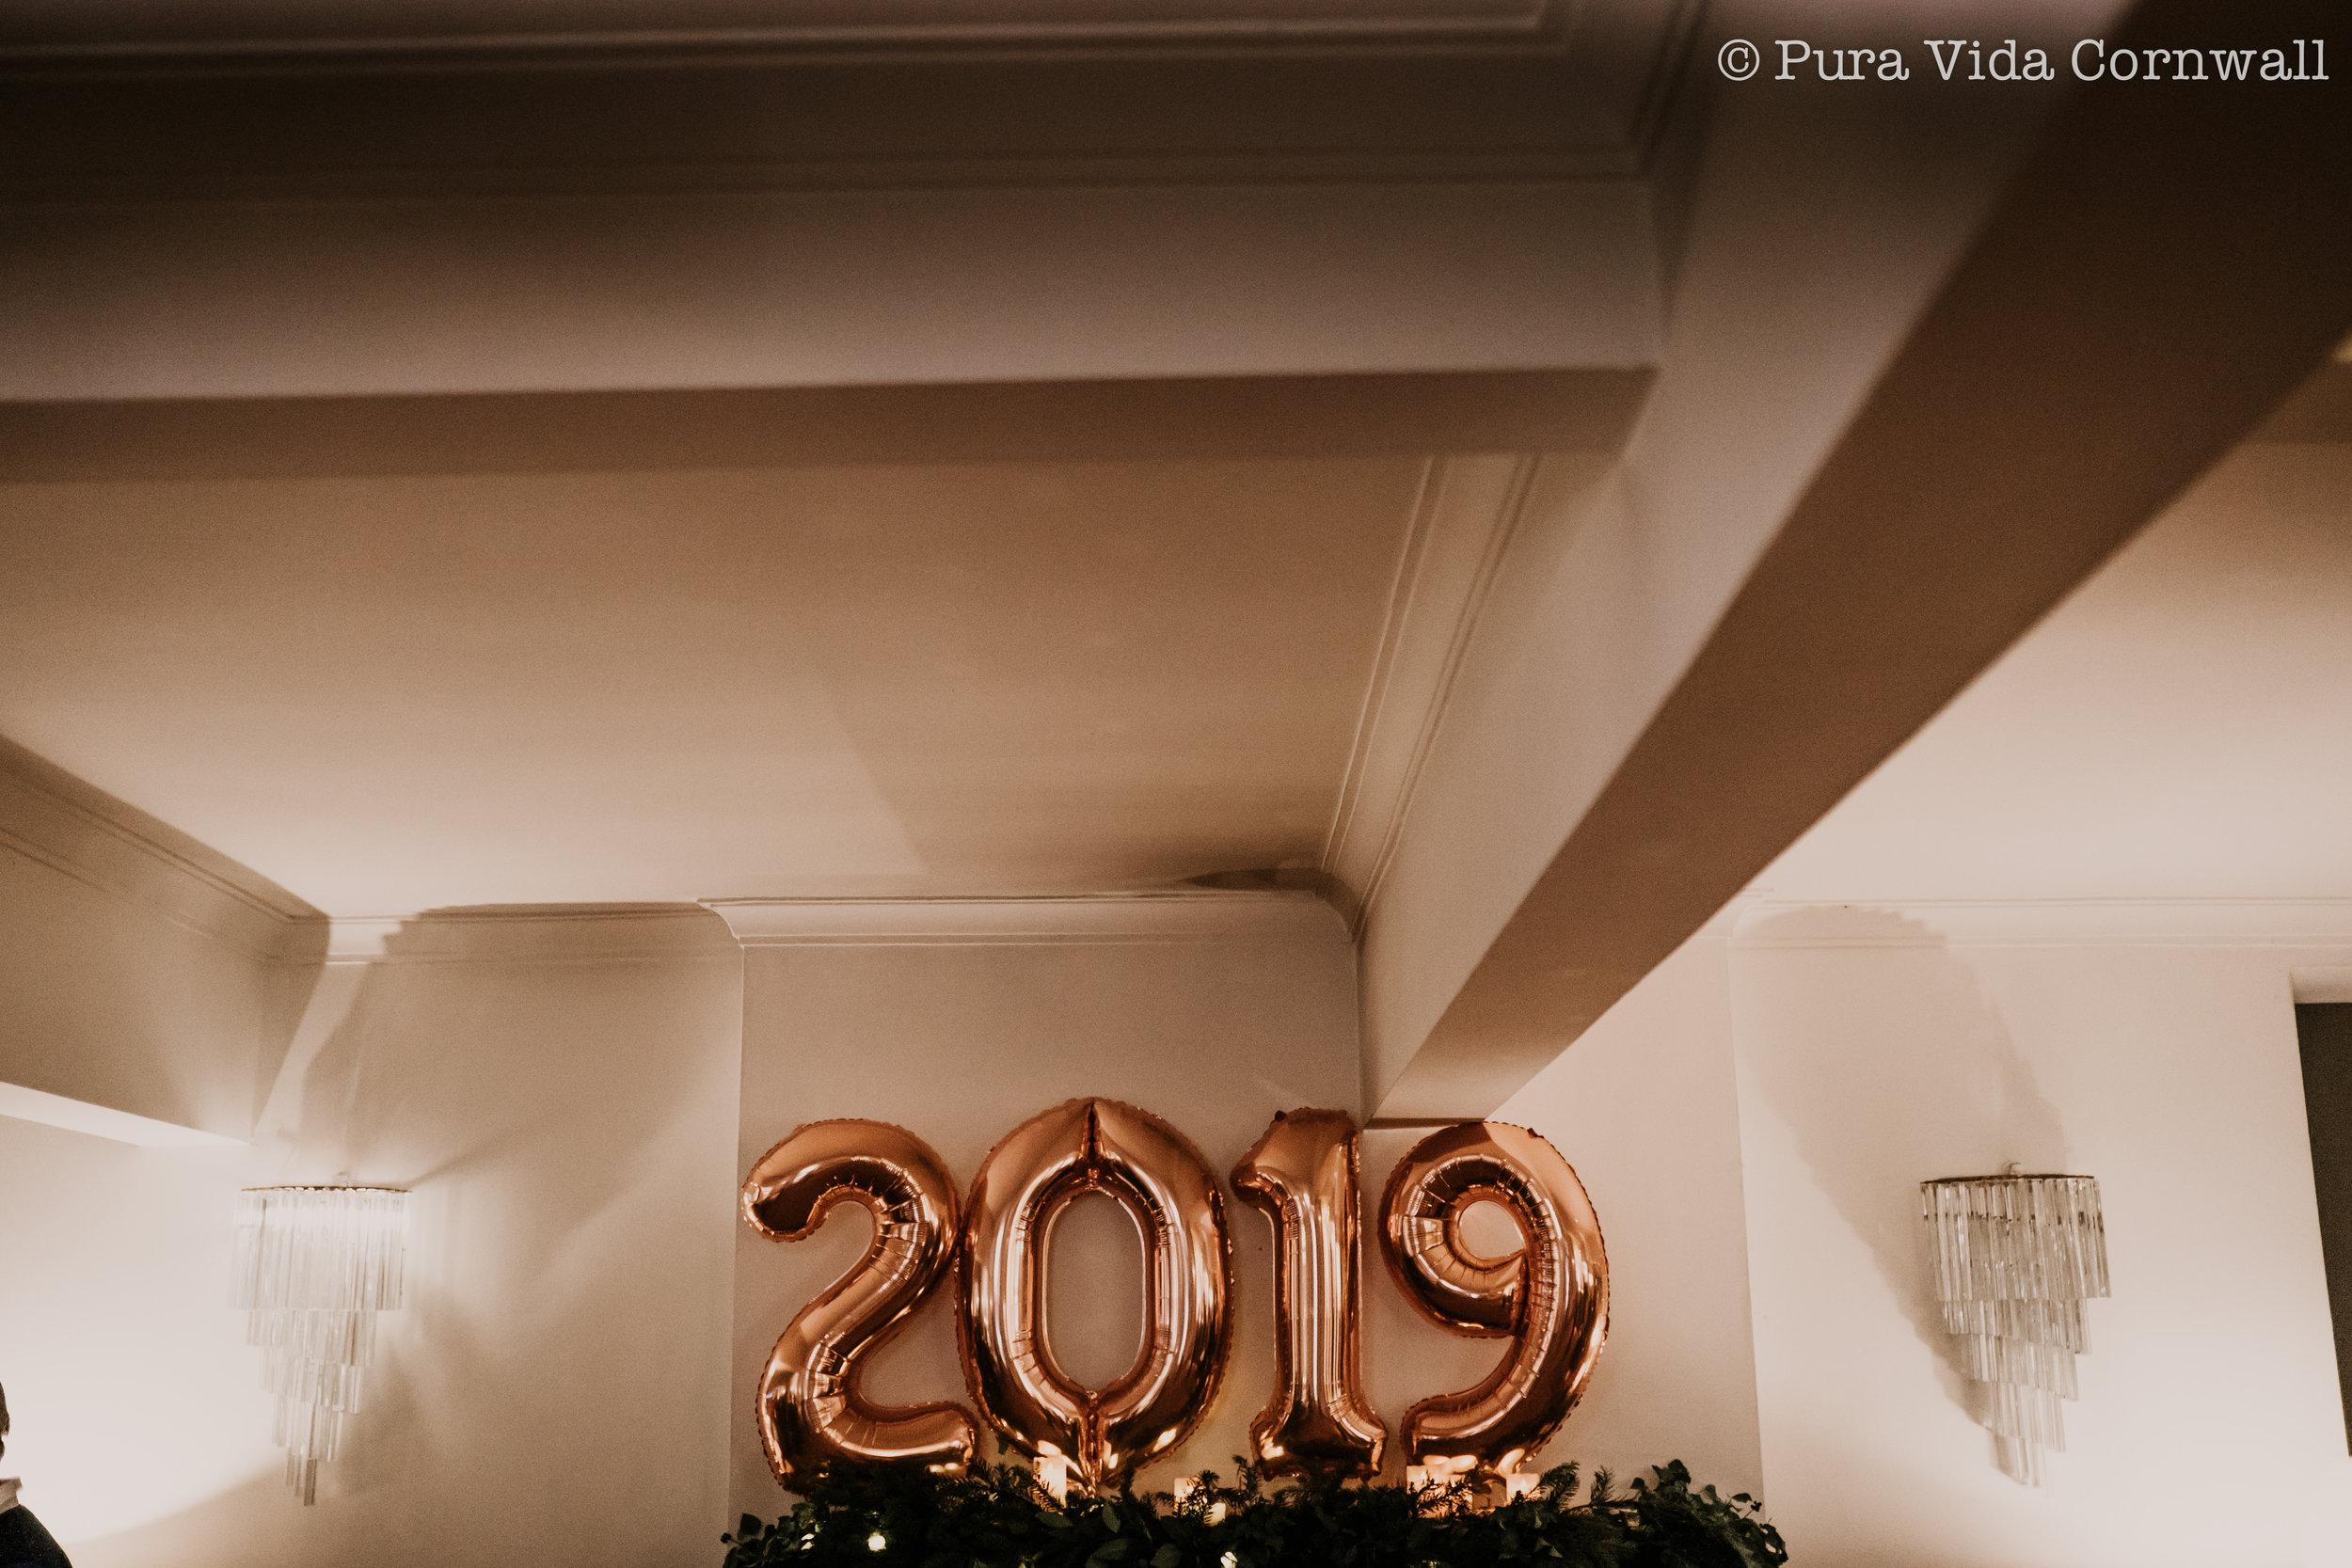 MBNY PV 2018-12.jpg